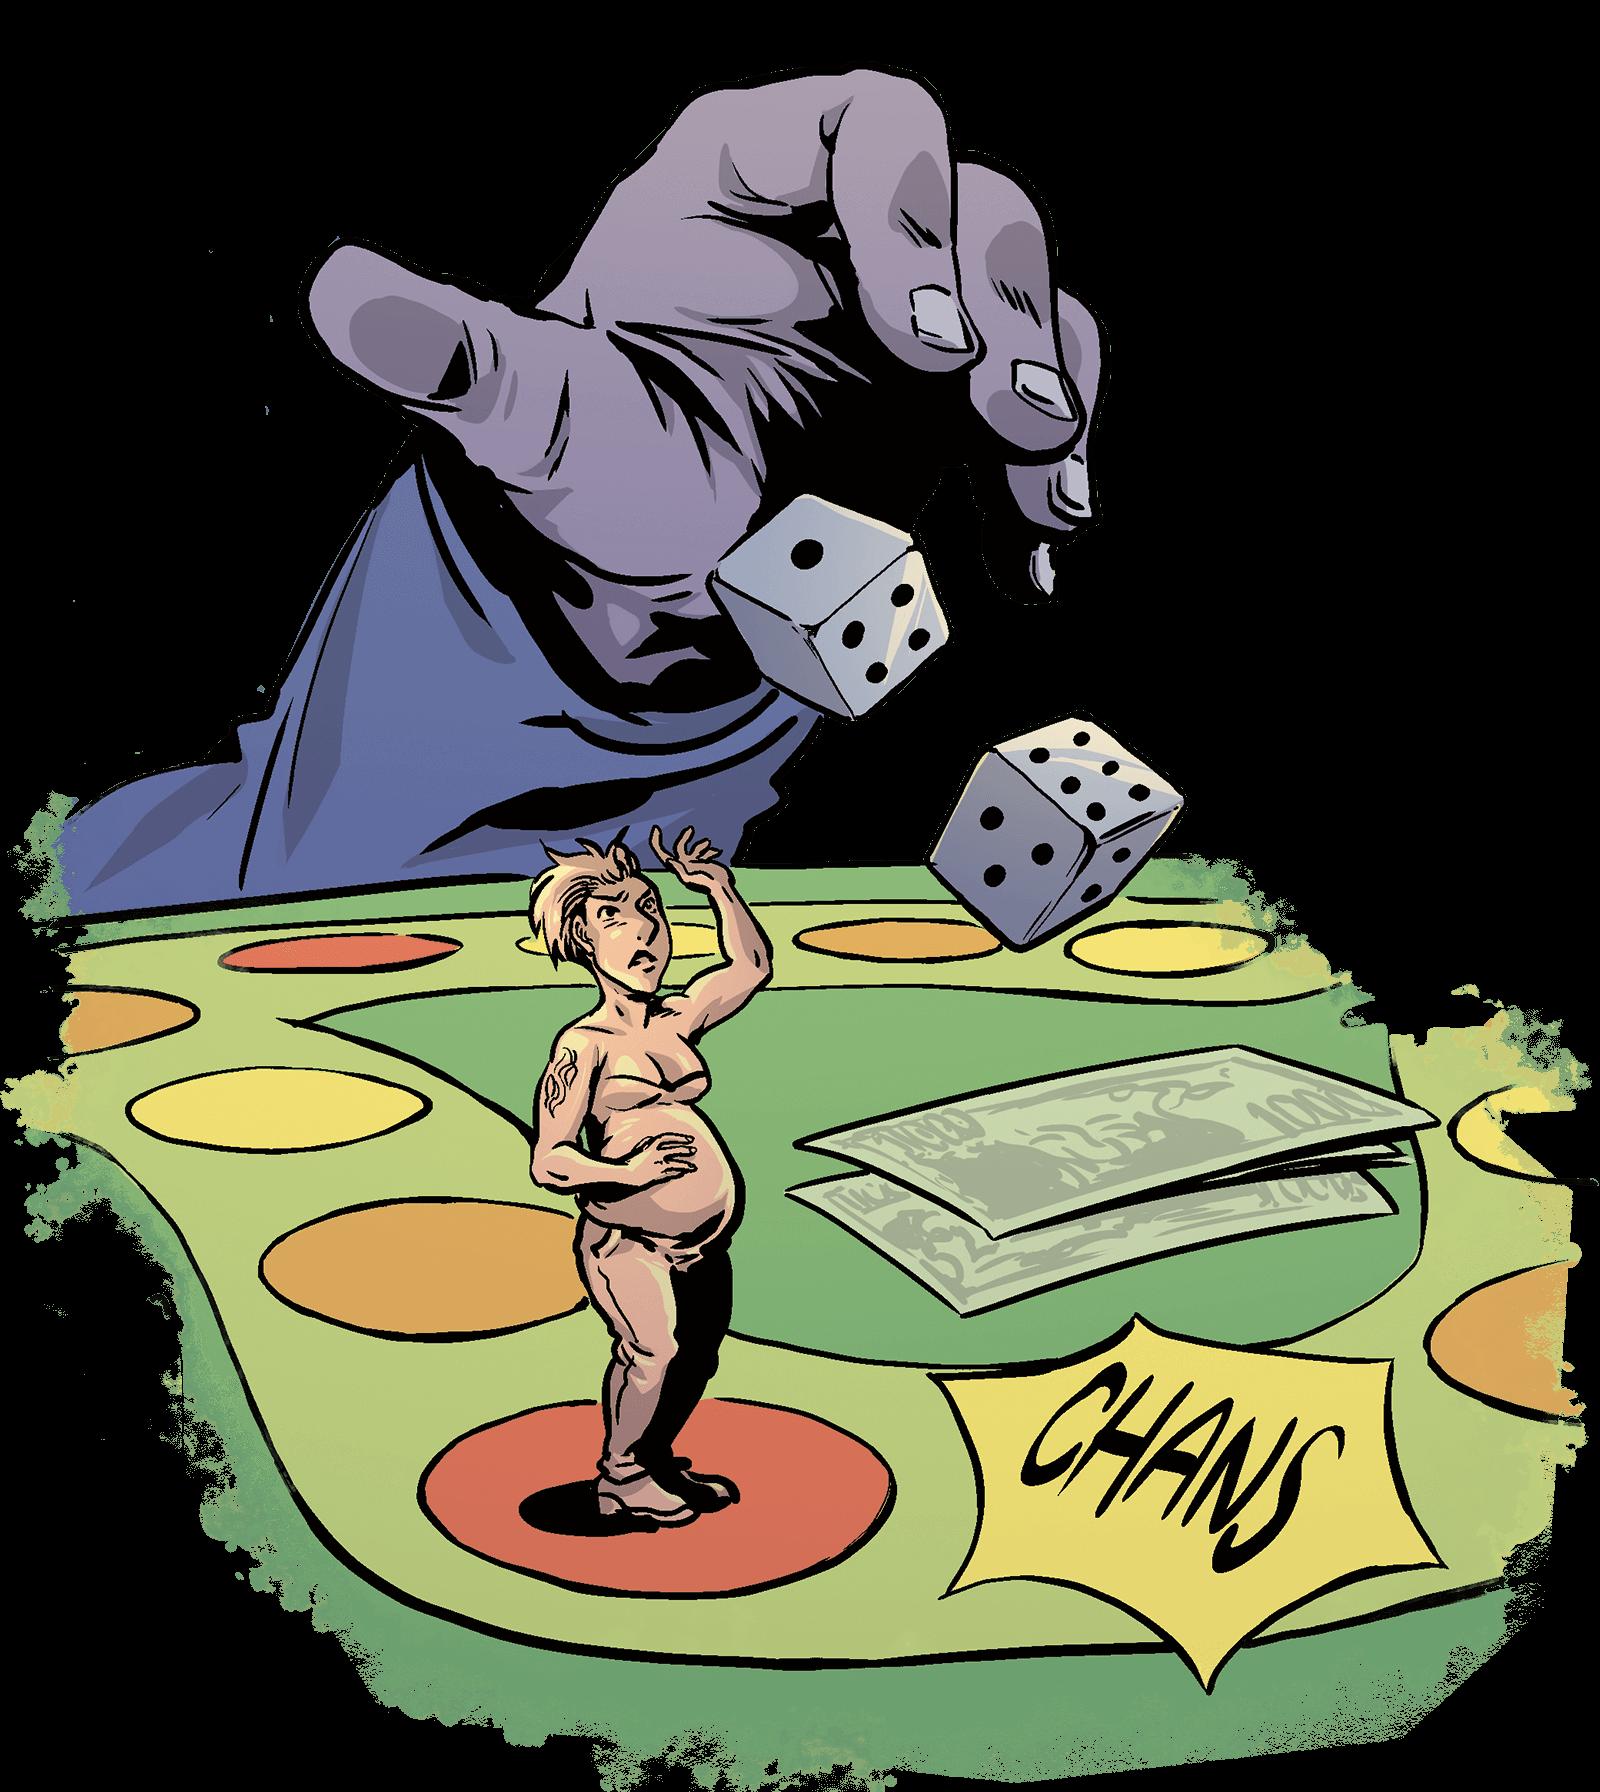 2-2017, detalj, illustration Lisa Medin